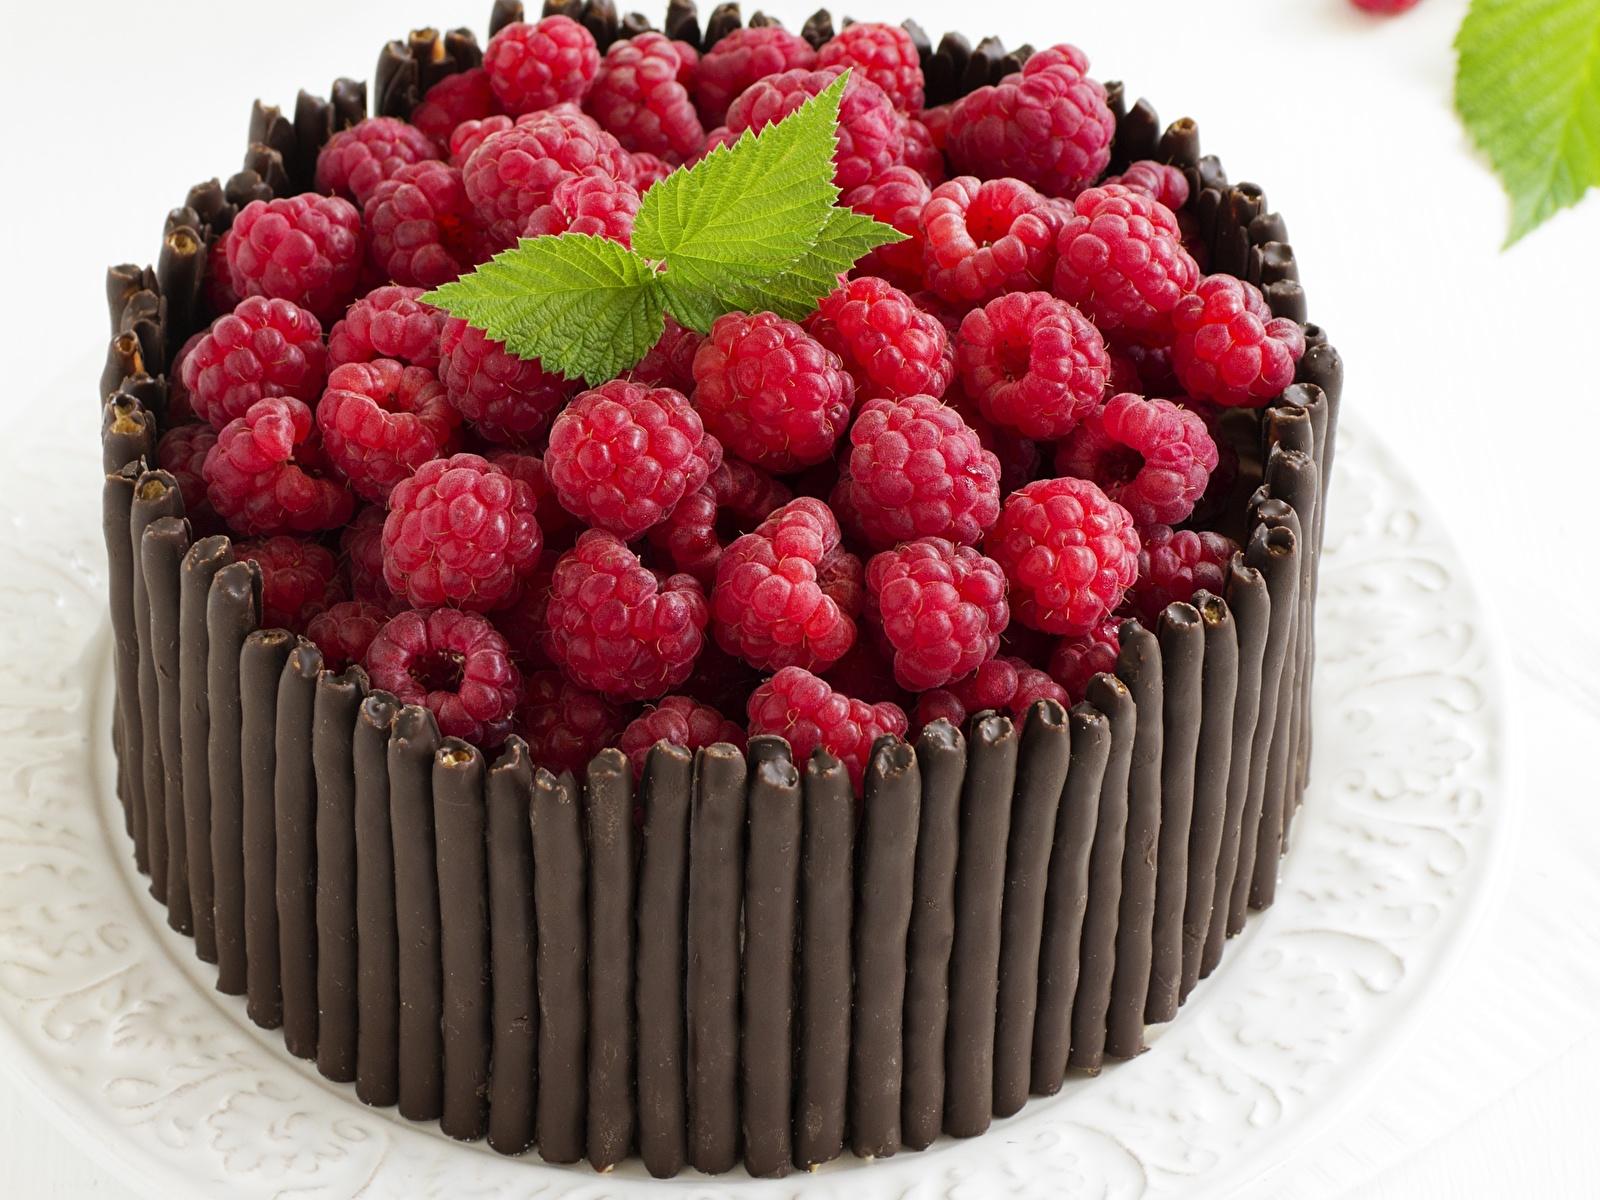 Обои для рабочего стола Шоколад Торты Малина Пища 1600x1200 Еда Продукты питания